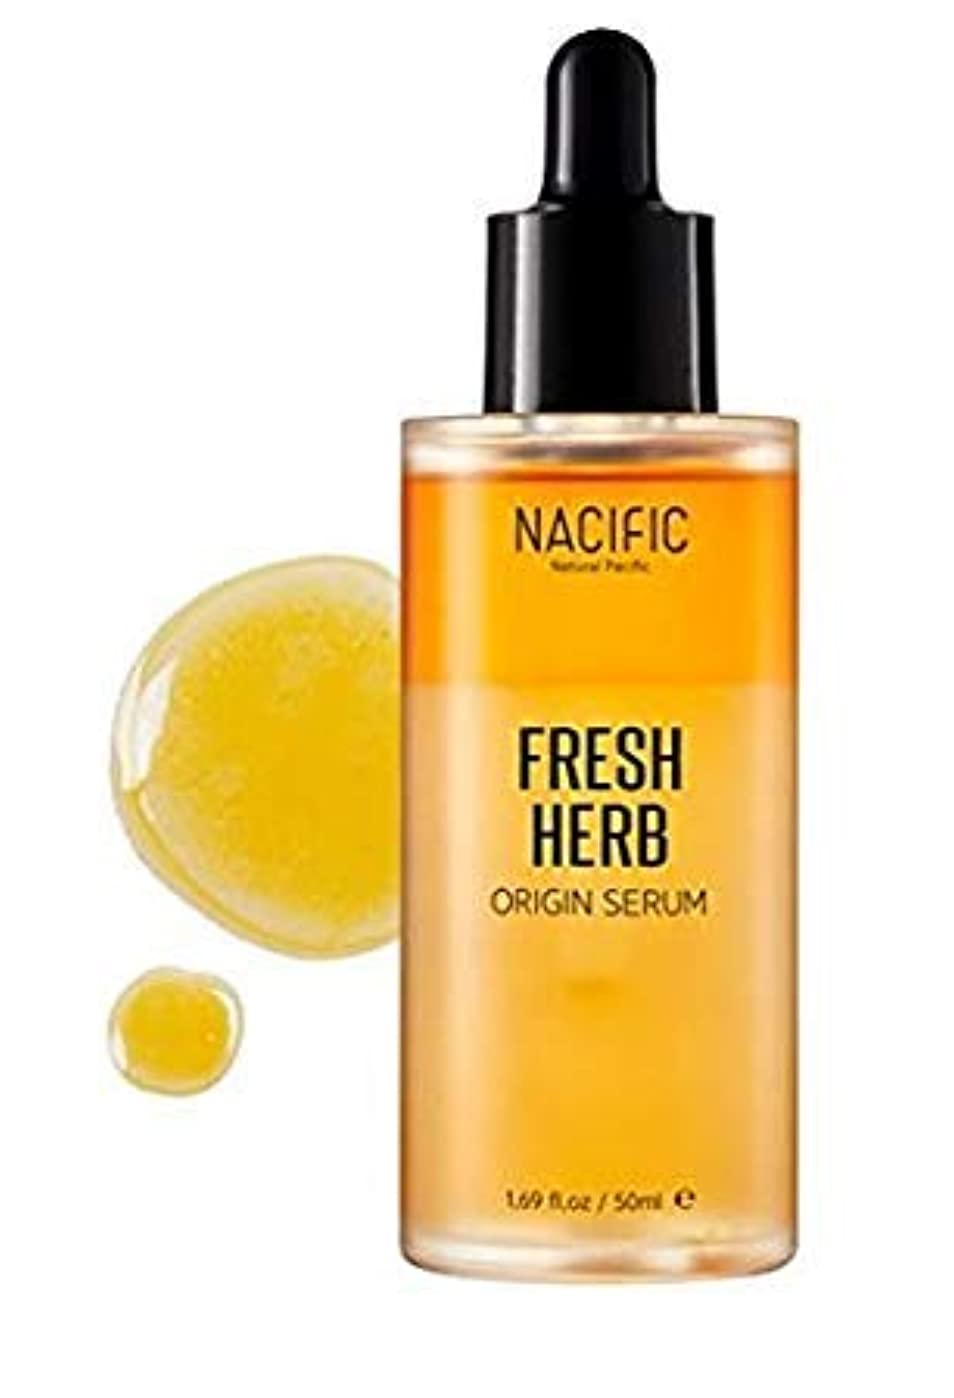 穿孔するデッドロックアクティブ[NACIFIC]Fresh Herb Origin Serum 50ml/ナチュラルパシフィック フレッシュ ハーブ オリジン セラム 50ml [並行輸入品]